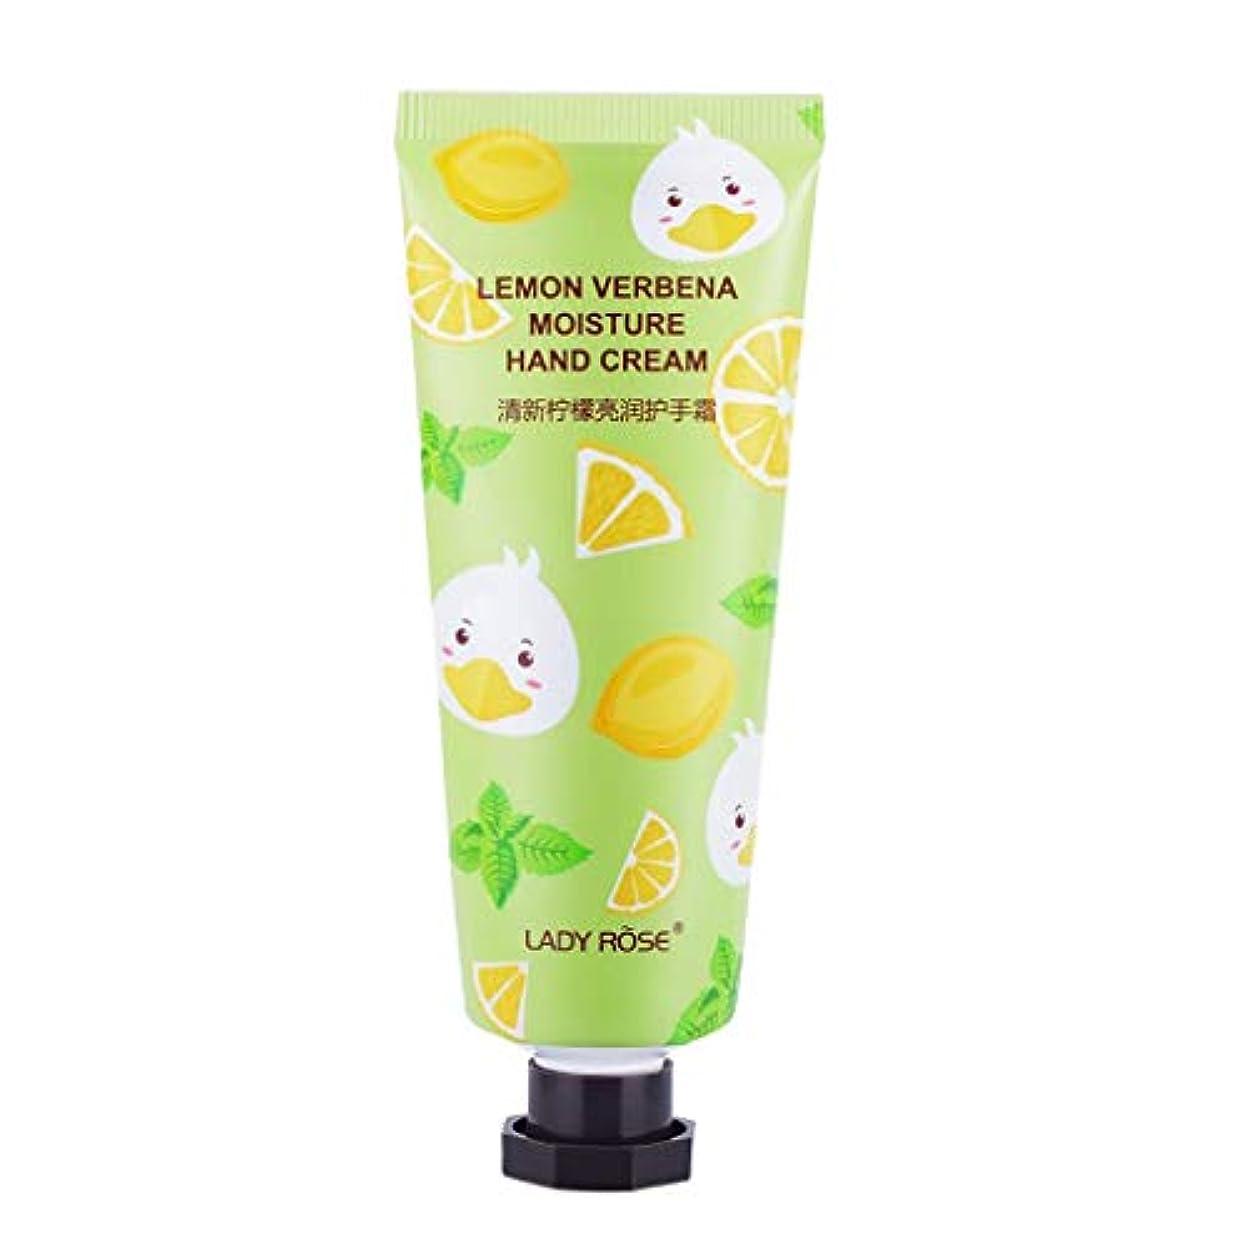 オーナメントセメント精神ハンドクリーム 乾燥対策 潤い スキンケア 可愛い 香り 保湿クリーム ローション 3タイプ選べ - レモン